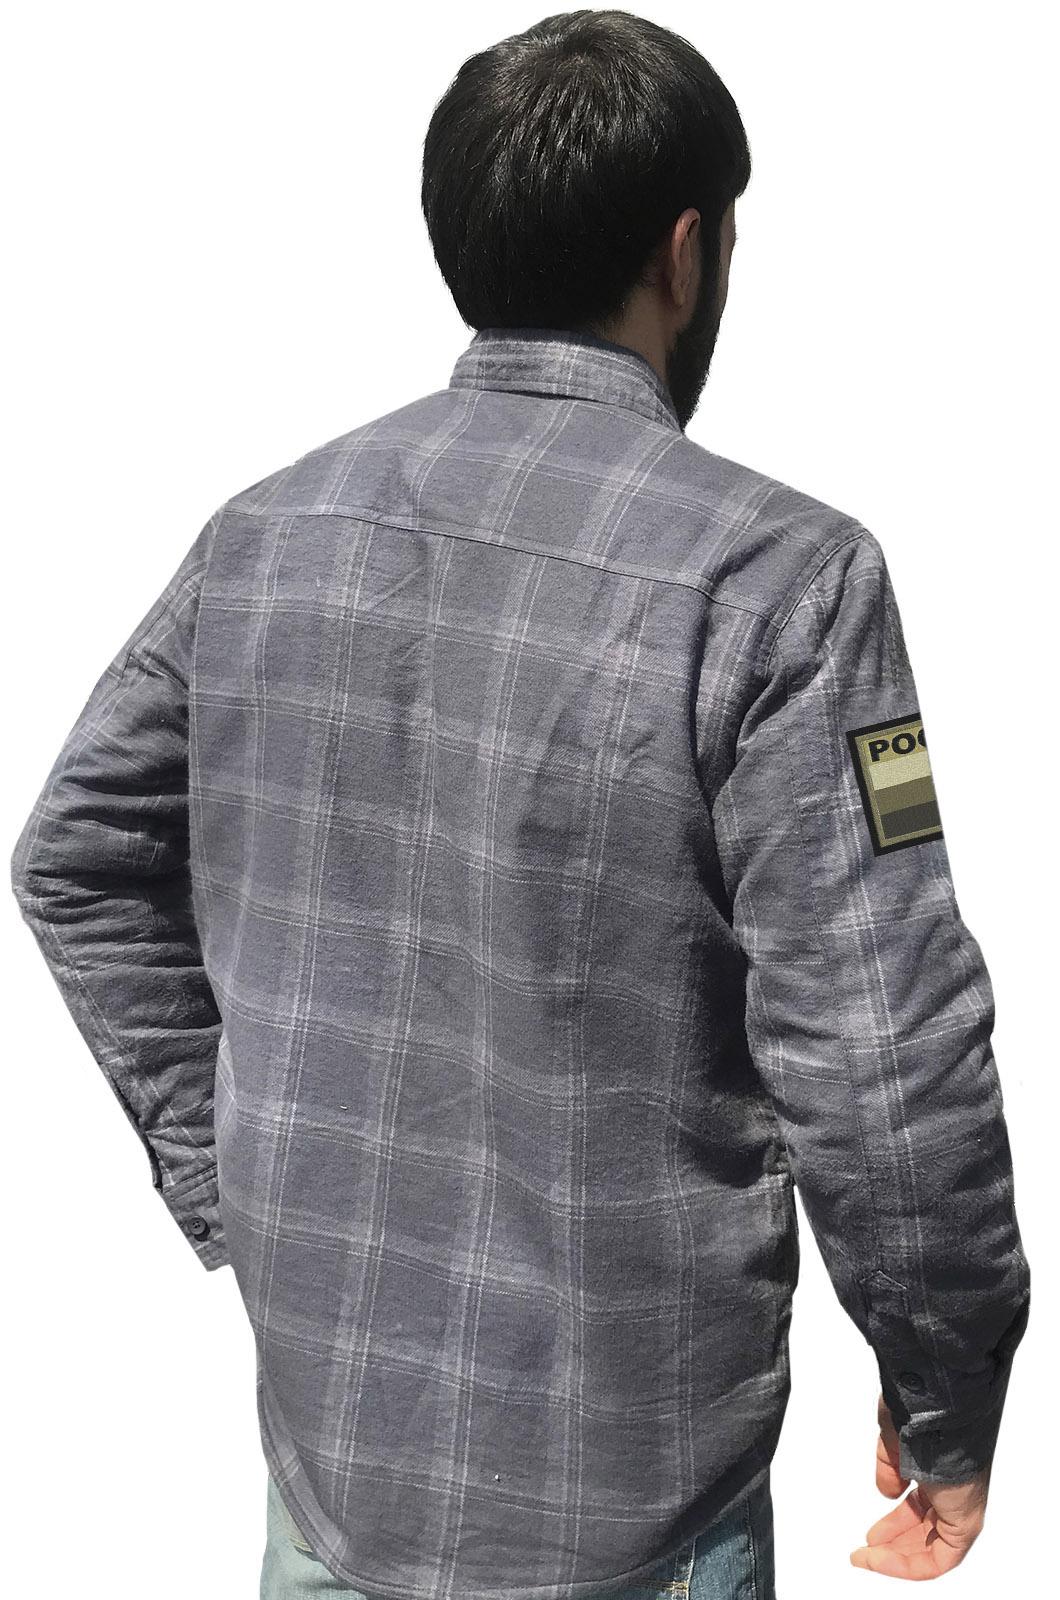 Купить лаконичную рубашку с вышитым шевроном Россия полевая в подарок мужу